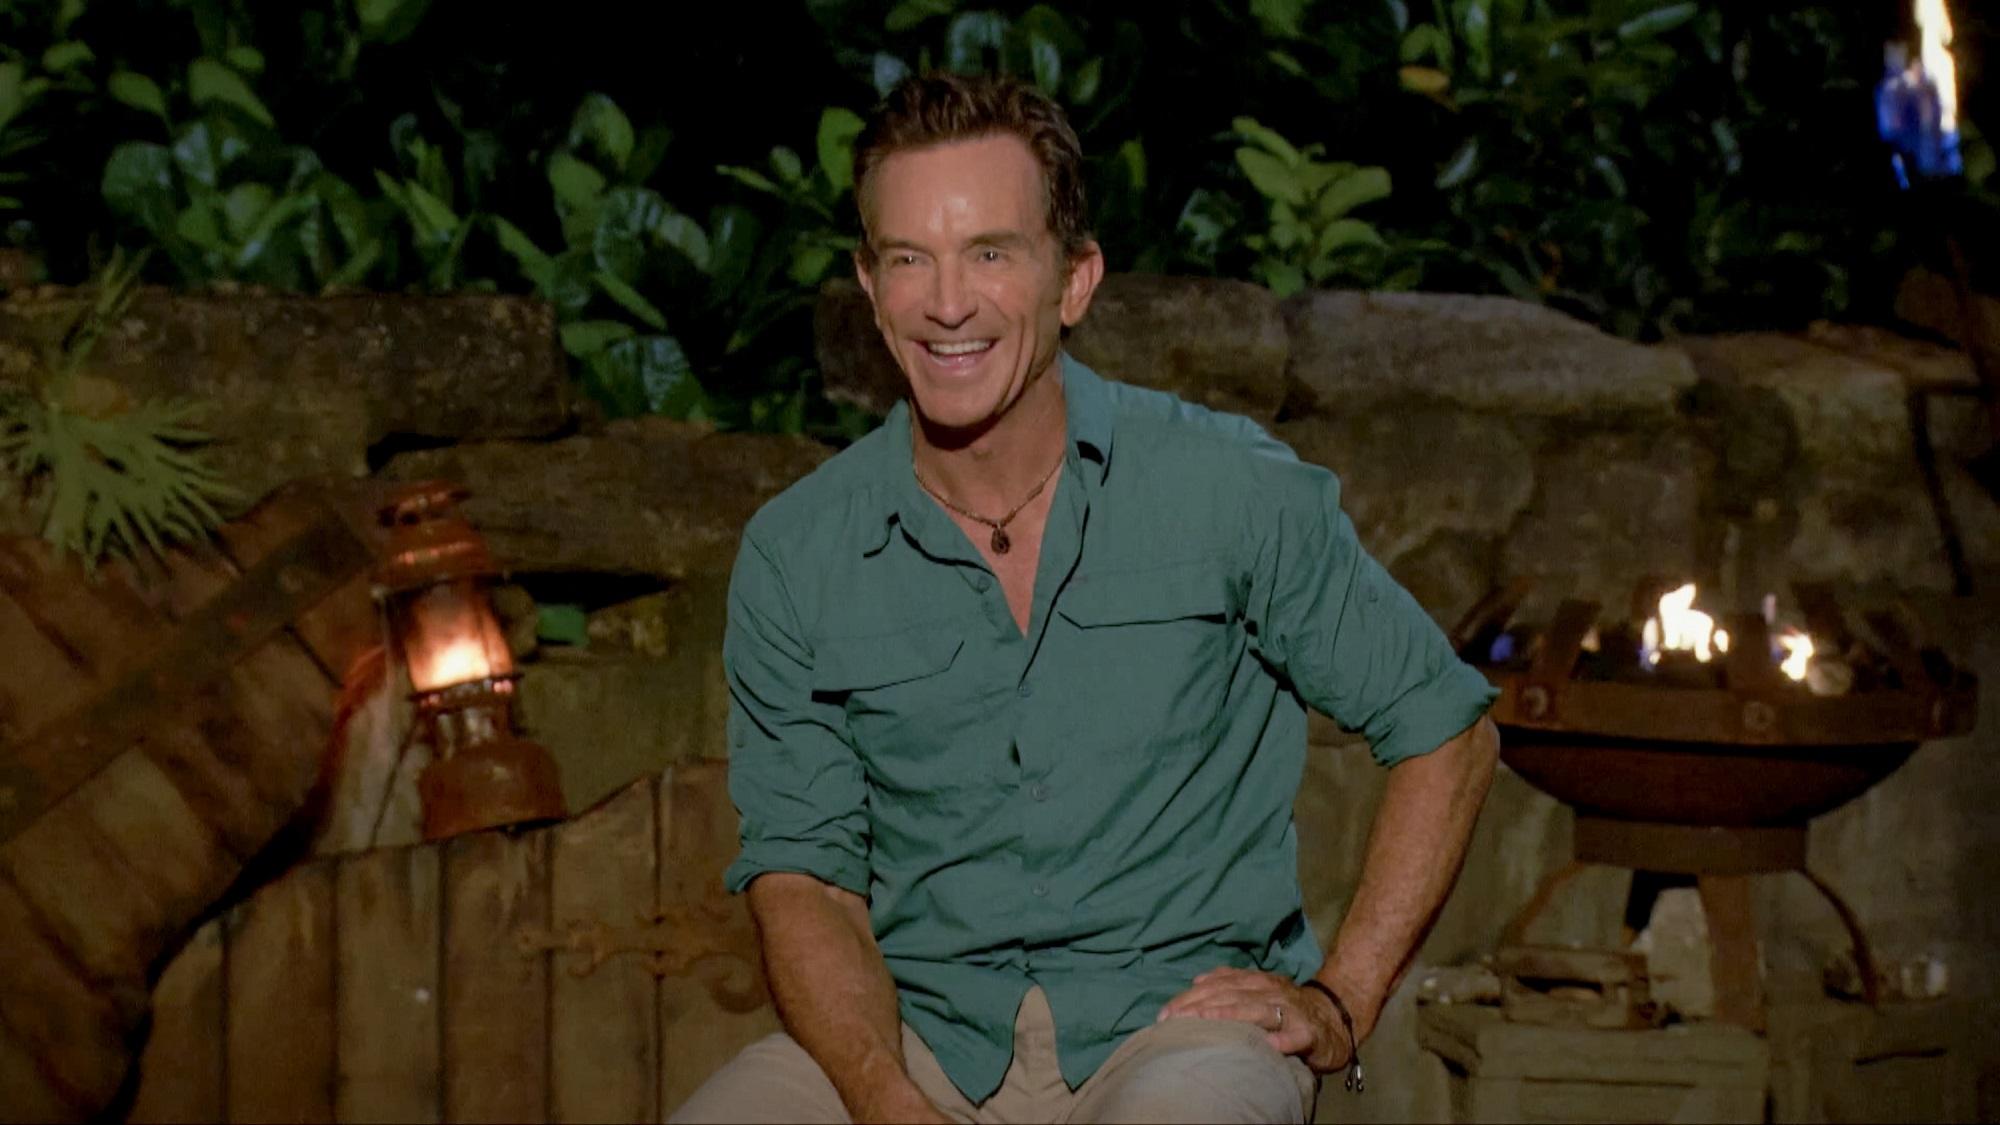 Jeff Probst of Survivor